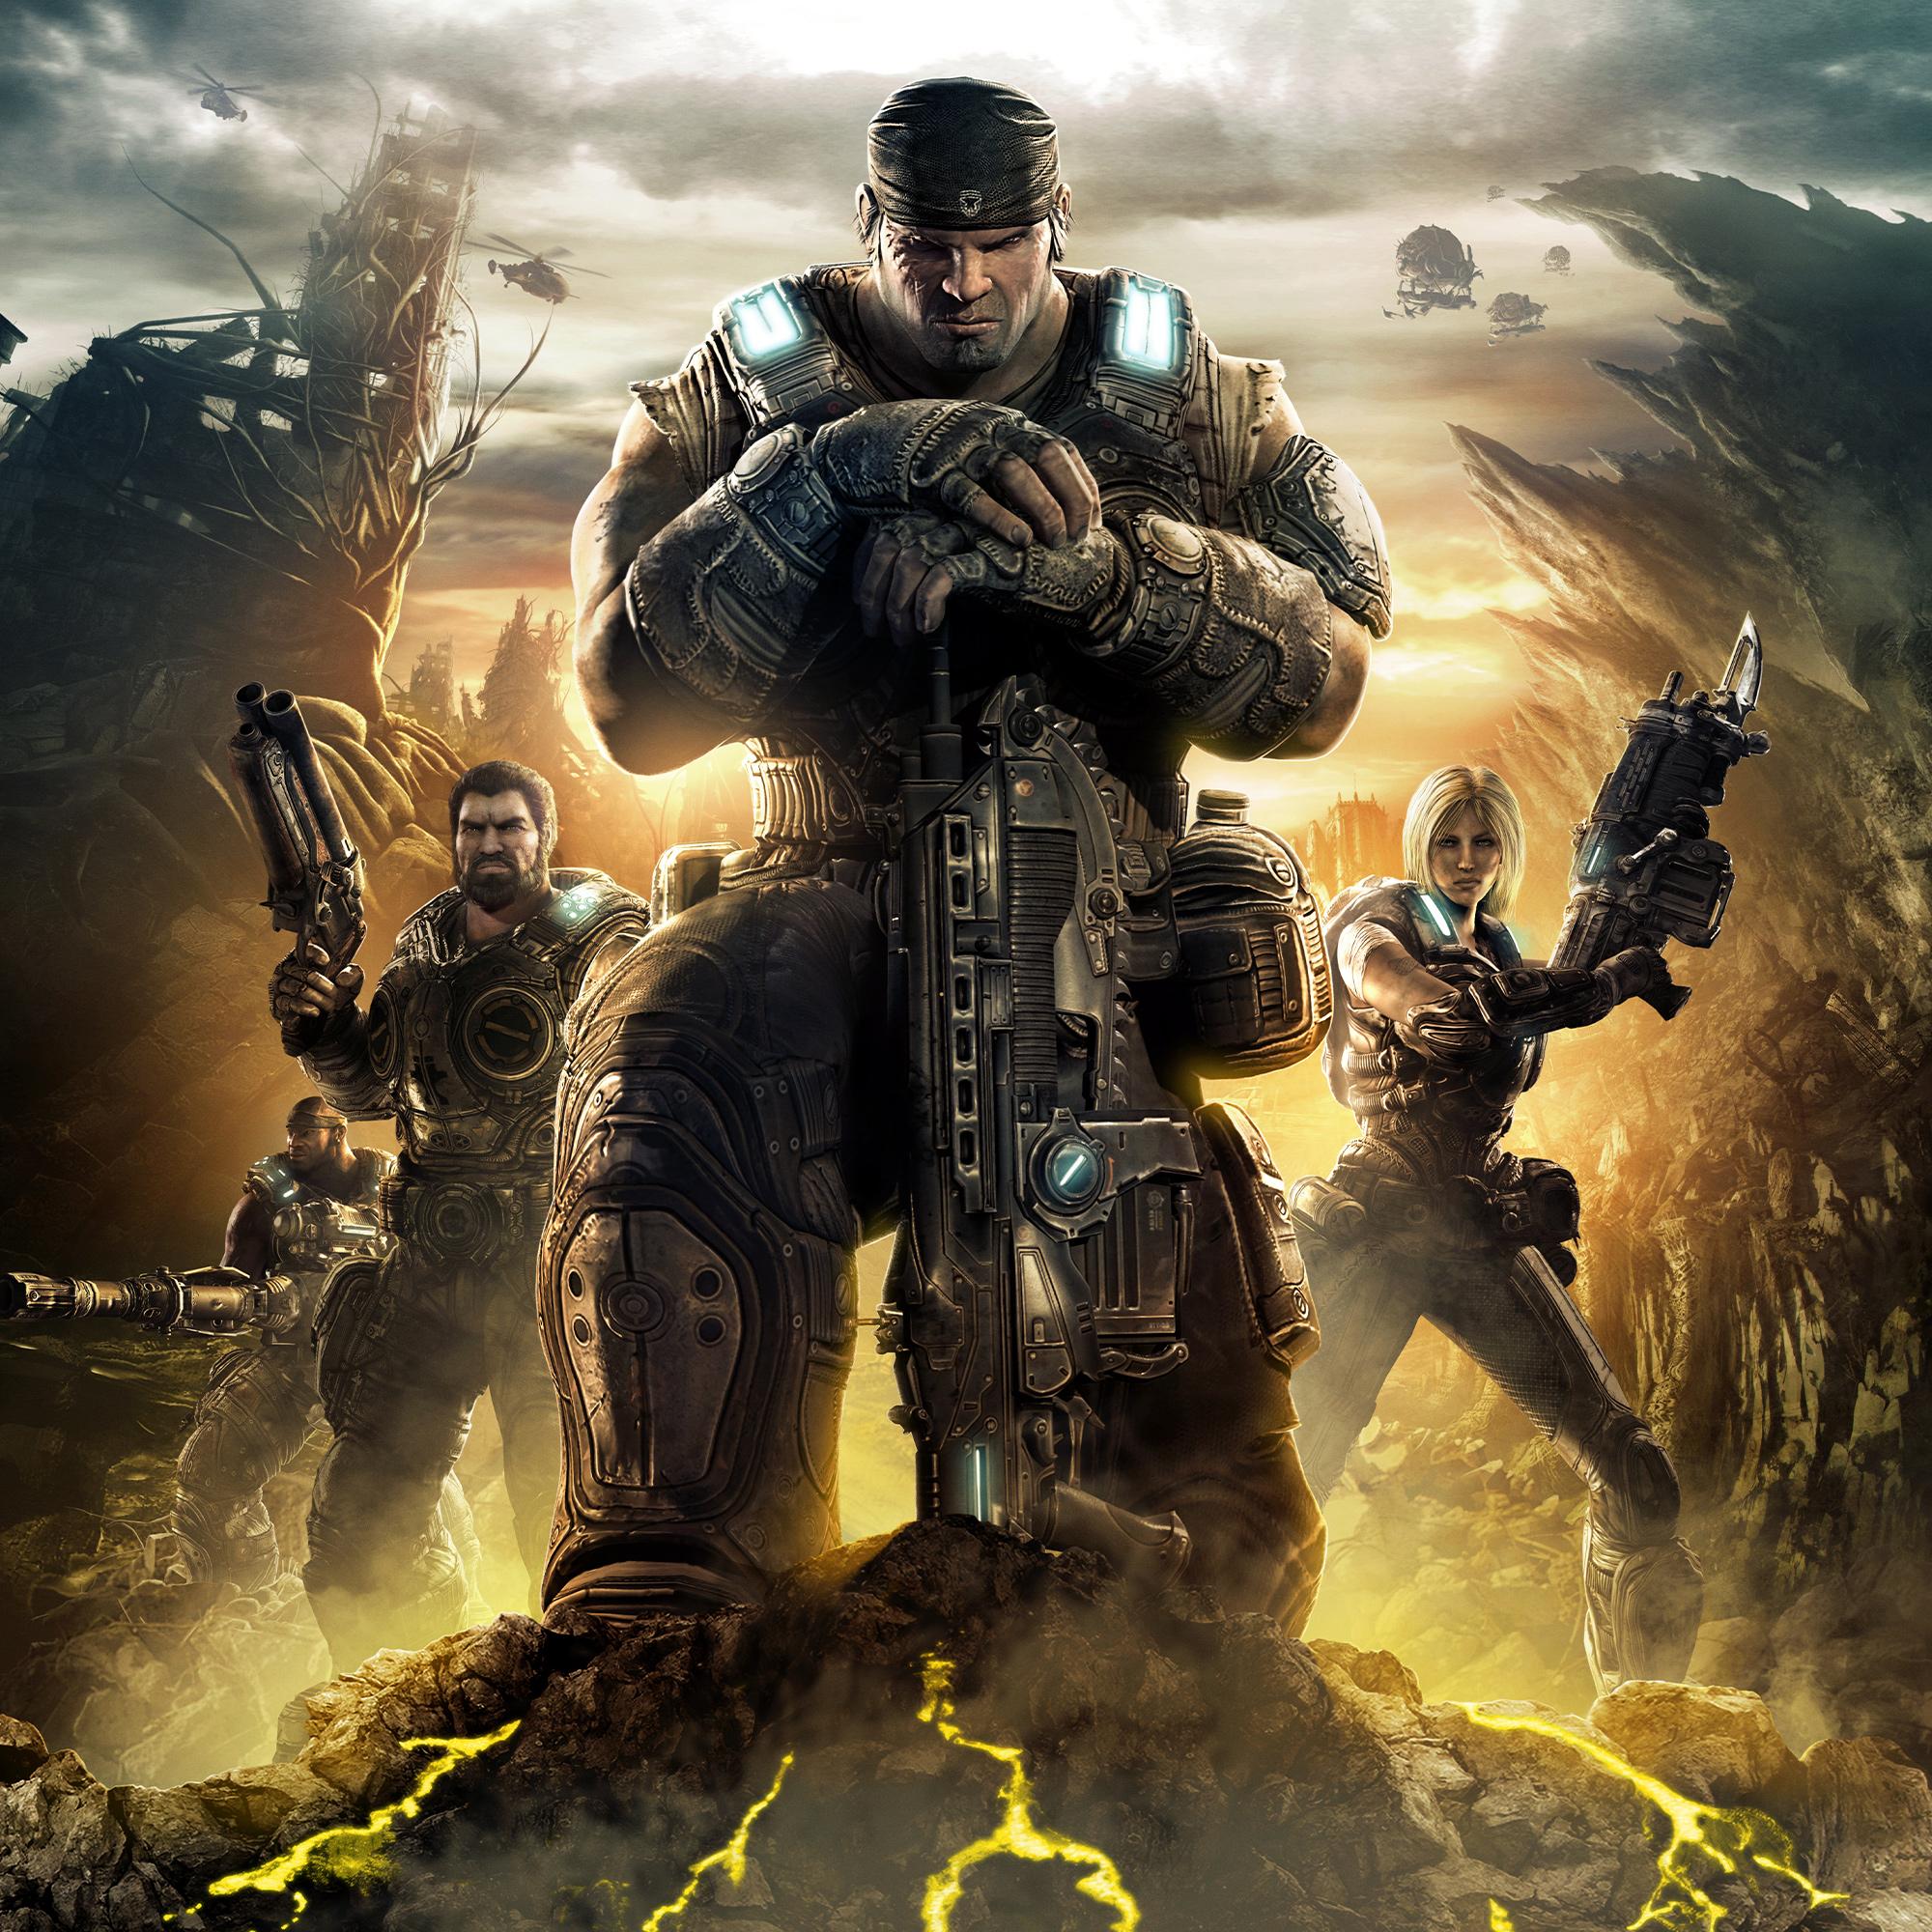 gears of war 3 2000x2000 5e556282b416e